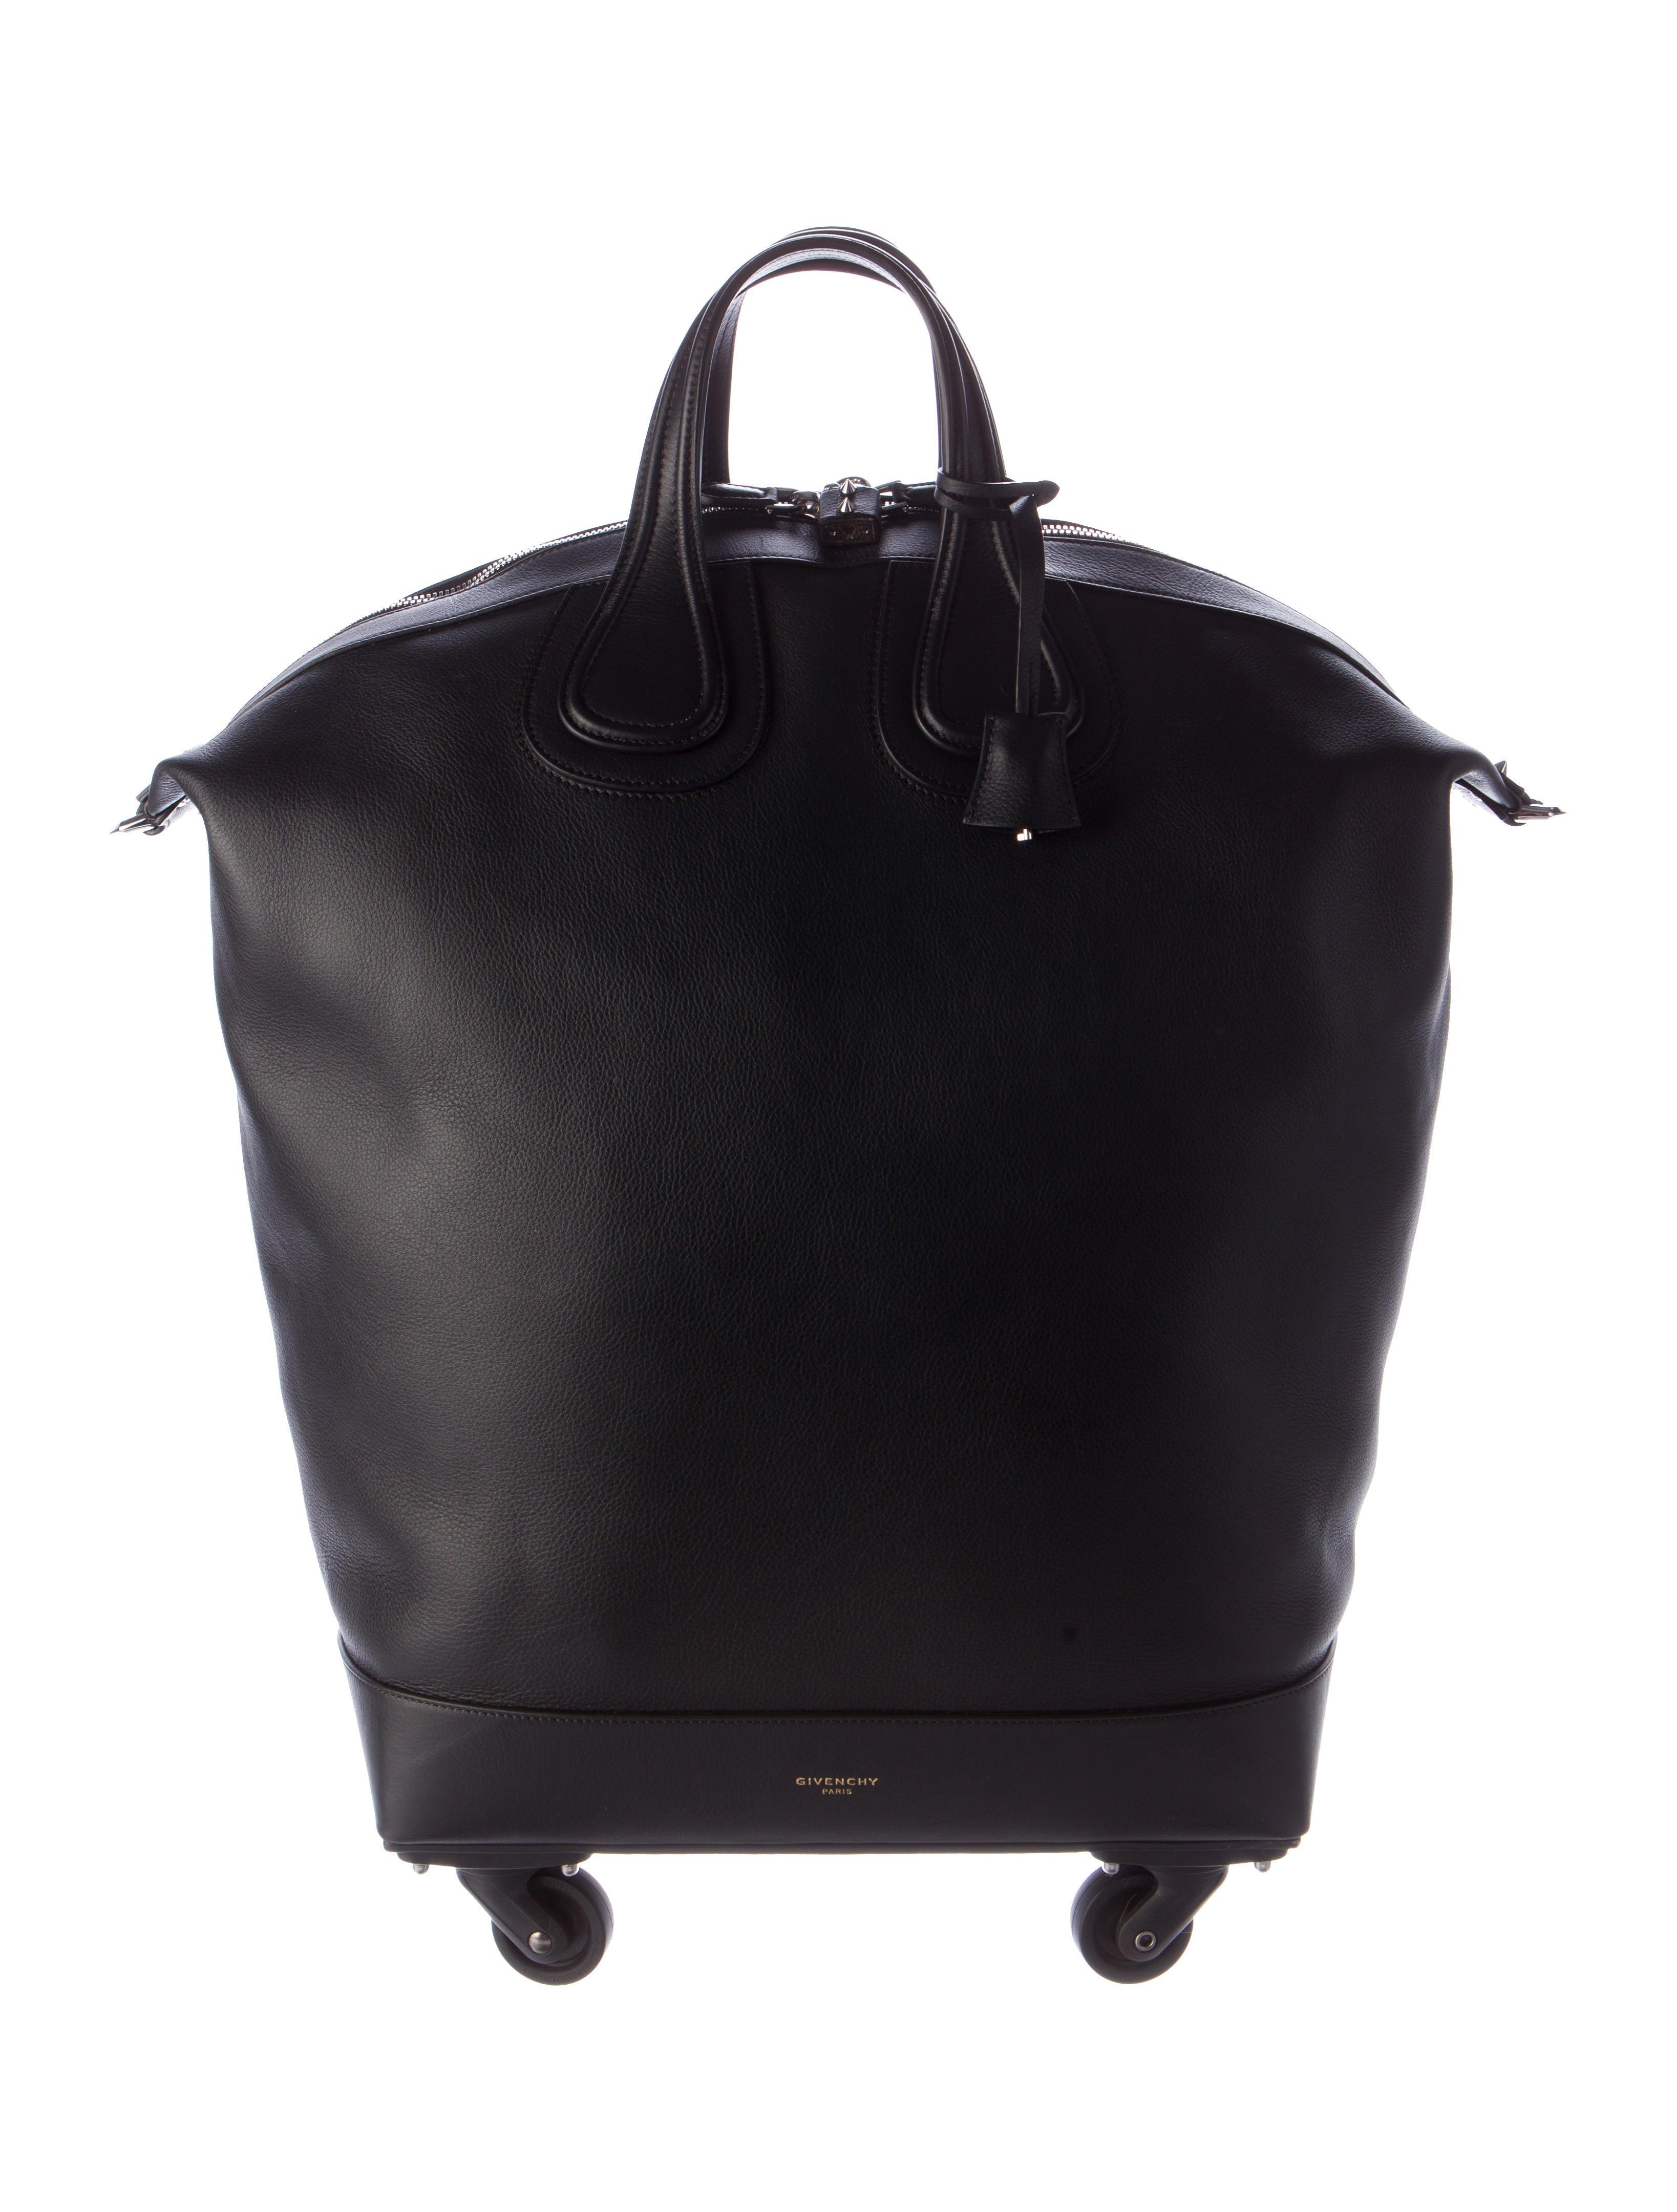 f1ad0238f378 Givenchy Nightingale Trolley - Luggage - GIV34907